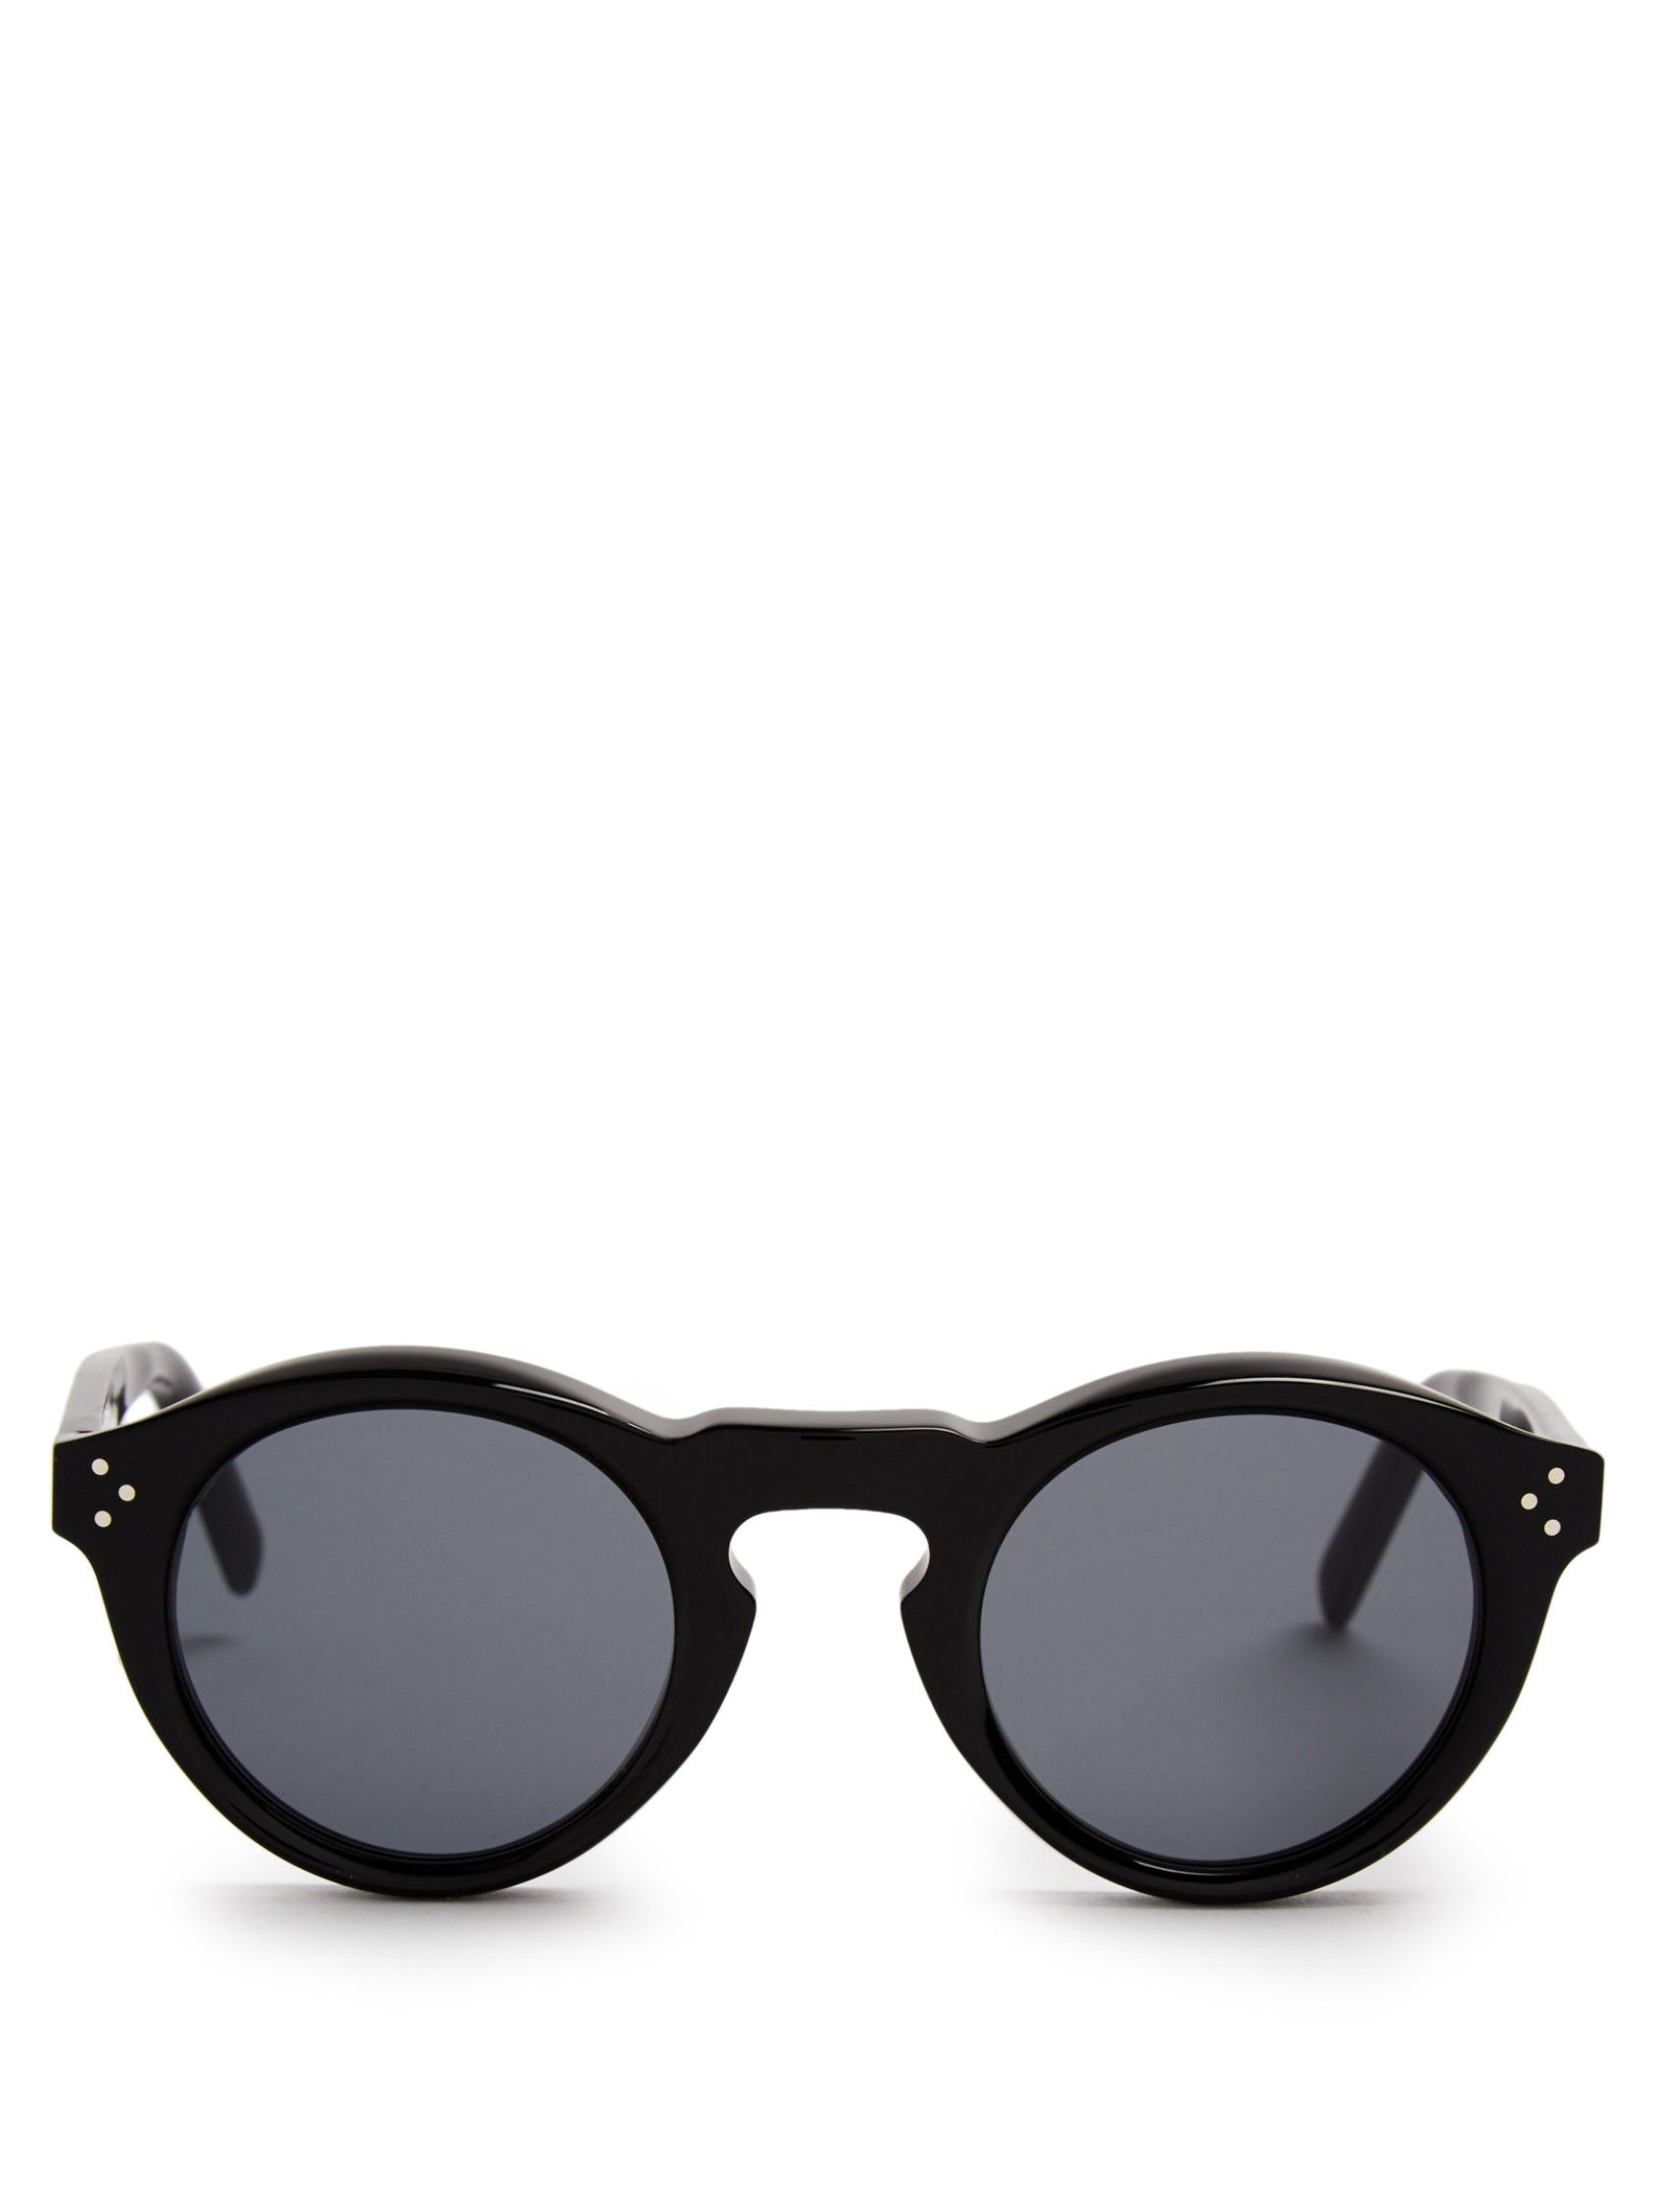 Round-frame acetate sunglasses   Céline Sunglasses   MATCHESFASHION.COM US